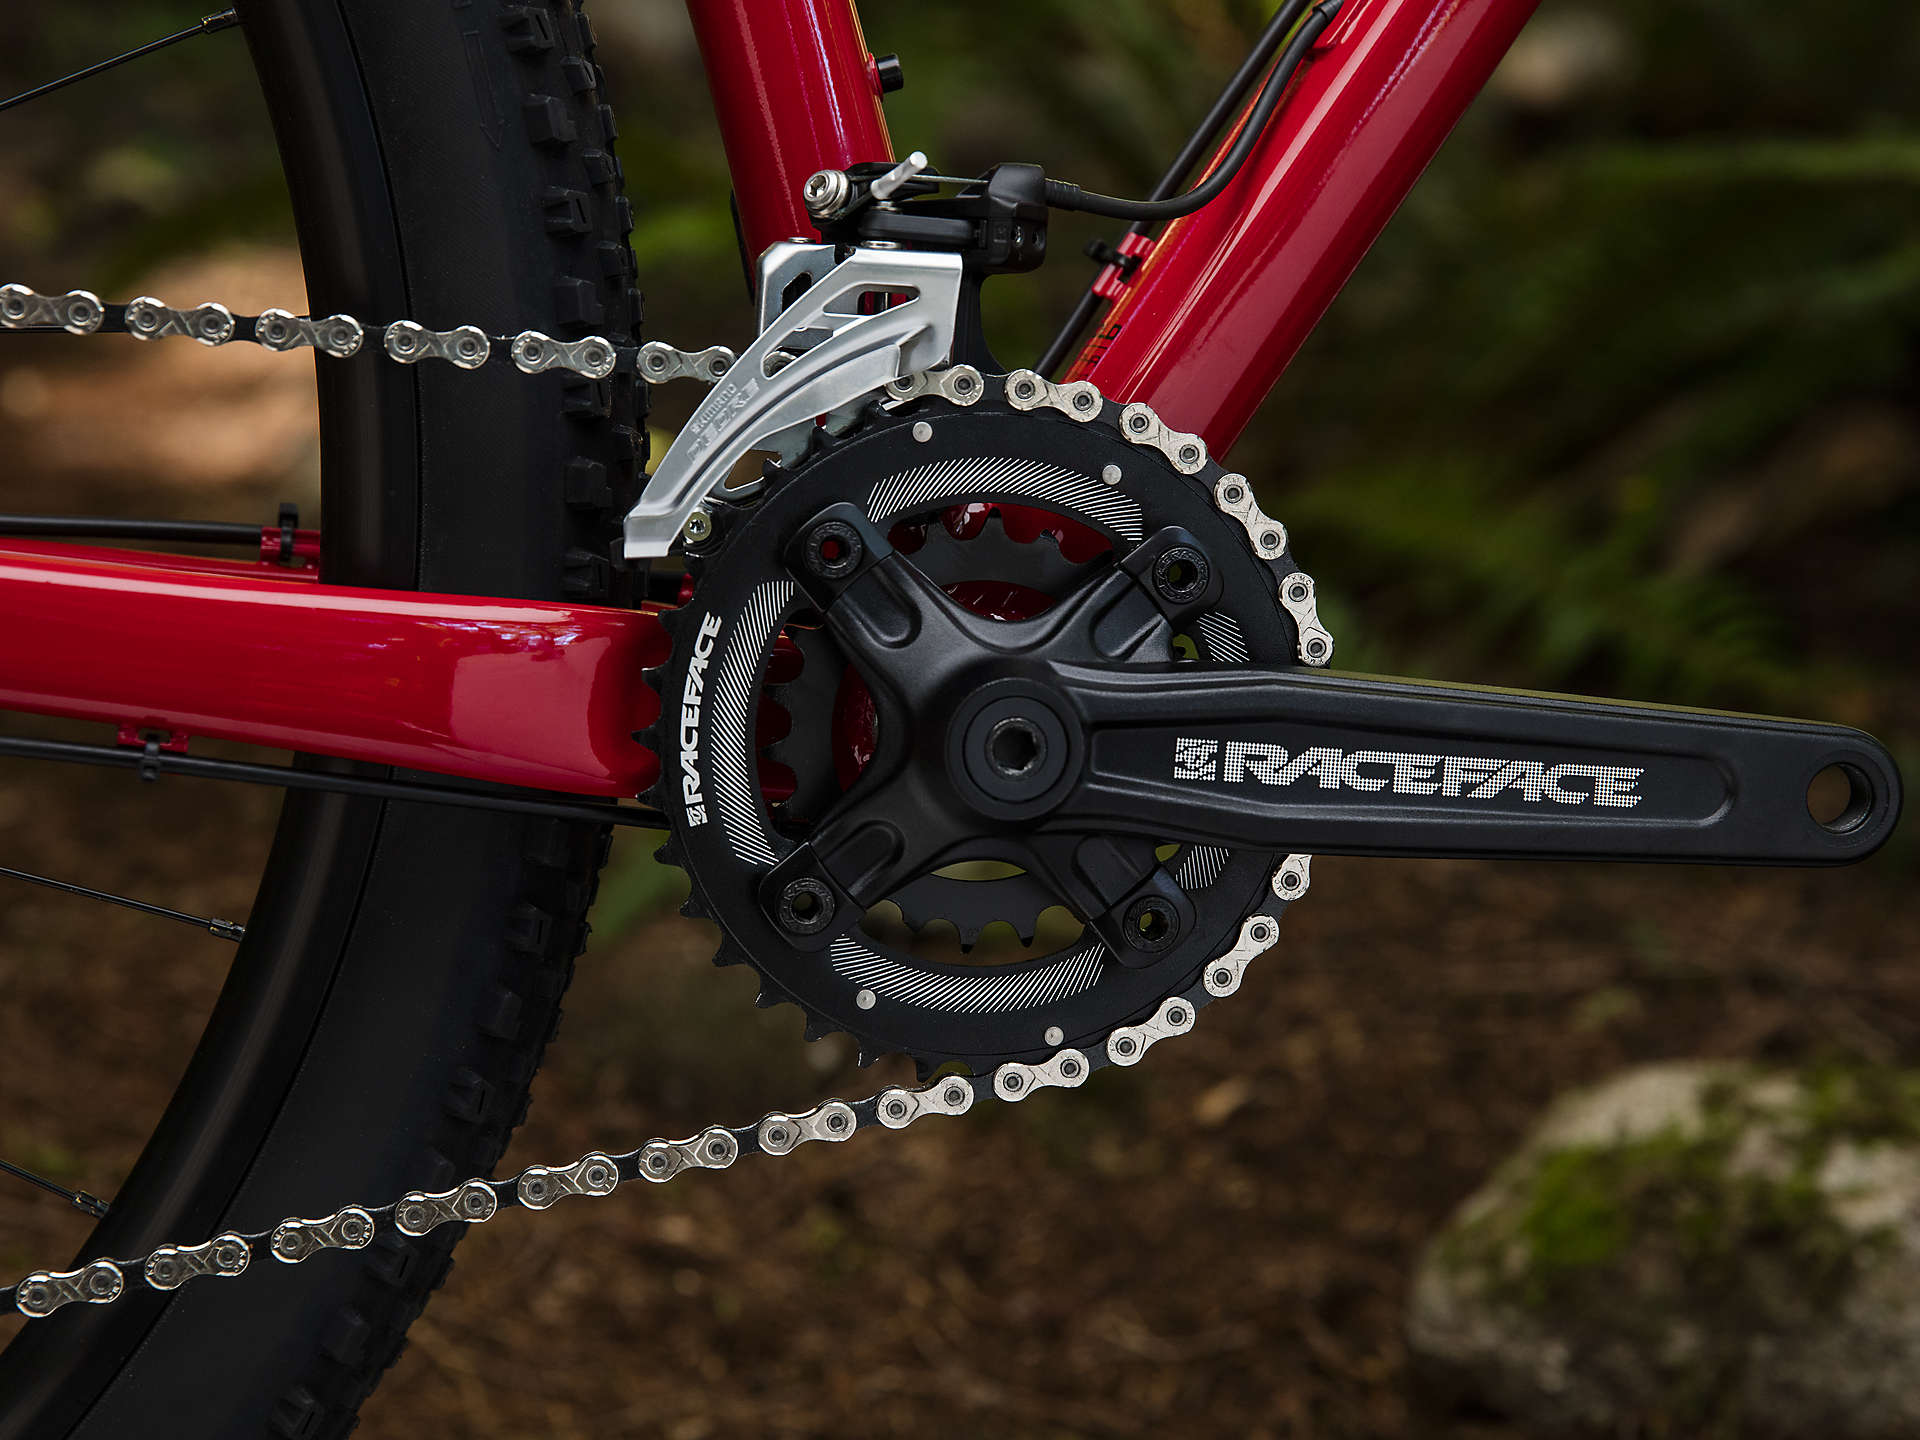 Bicicleta Trek X Caliber 8 - 2019 - R$ 4.889,00 - Tamanho 17,5